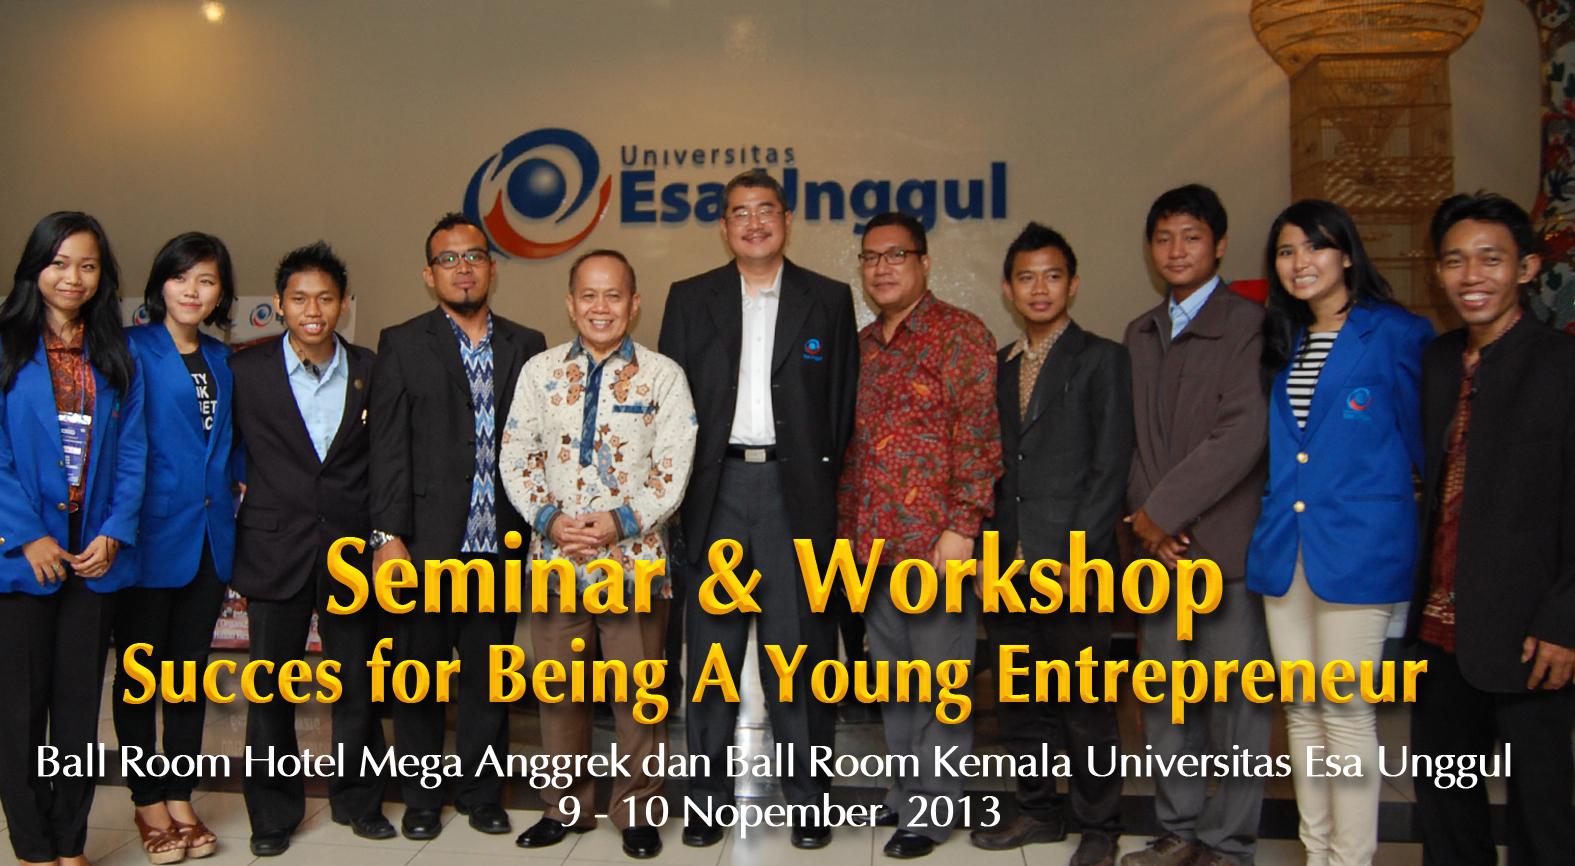 """Seminar & Workshop Academic  """" Succes for Being A Young Entrepreneur """" bersama Menteri Koperasi dan Usaha Kecil Menengah RI, Bapak Sjarifuddin Hasan  yang diselenggarakan oleh HIMMA E2C  Fakultas Ekonomi Universitas Esa Unggul"""